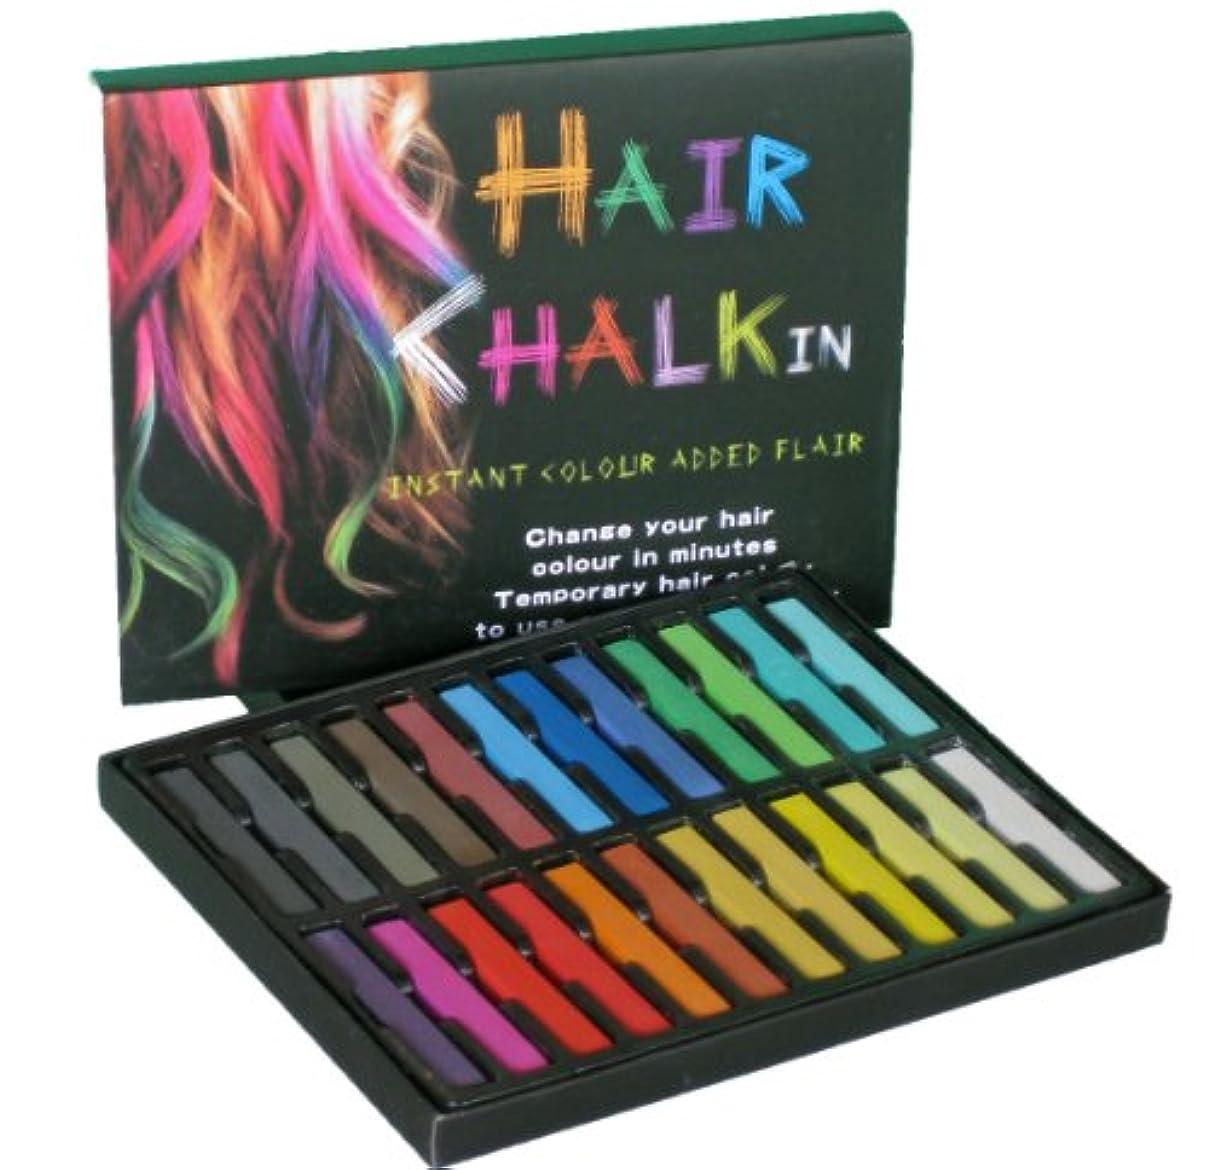 埋める買い手振る舞う大ブレイク中!HAIR CHALKIN 選べる 12色/24色 髪専用に開発された安心商品!! ヘアチョーク ヘアカラーチョーク  一日だけのヘアカラーでイメチェンが楽しめる!美容室のヘアカラーでは表現しづらい色も表現できます...